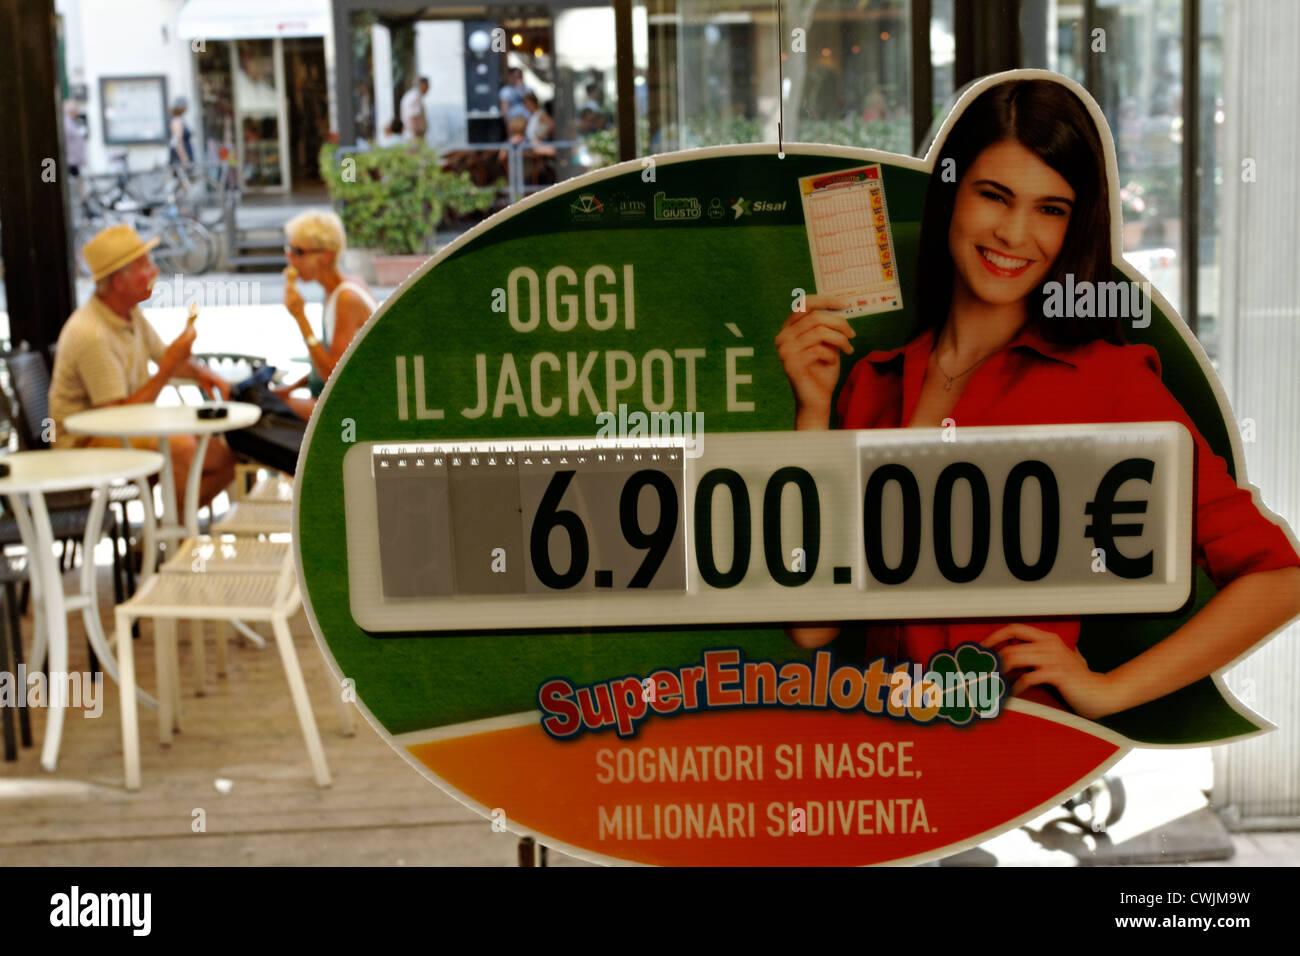 Lotto Italiano pubblicità jackpot sulla finestra con le persone a mangiare il gelato, Toscana Italia Immagini Stock